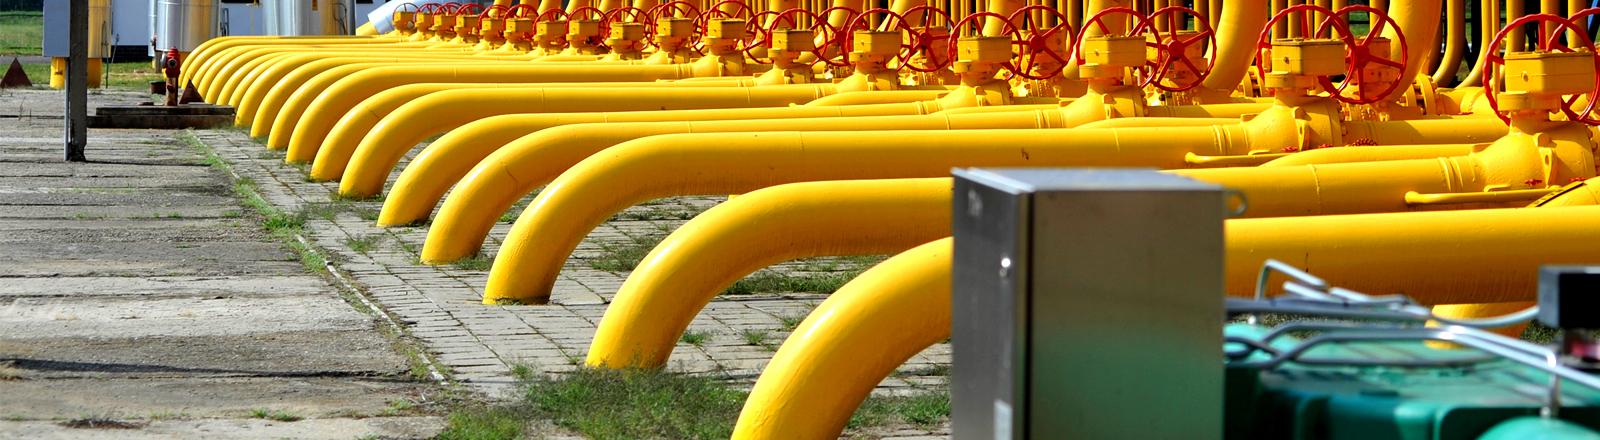 Viele gelbe Pipelines gehen an einer Stelle unter die Erde